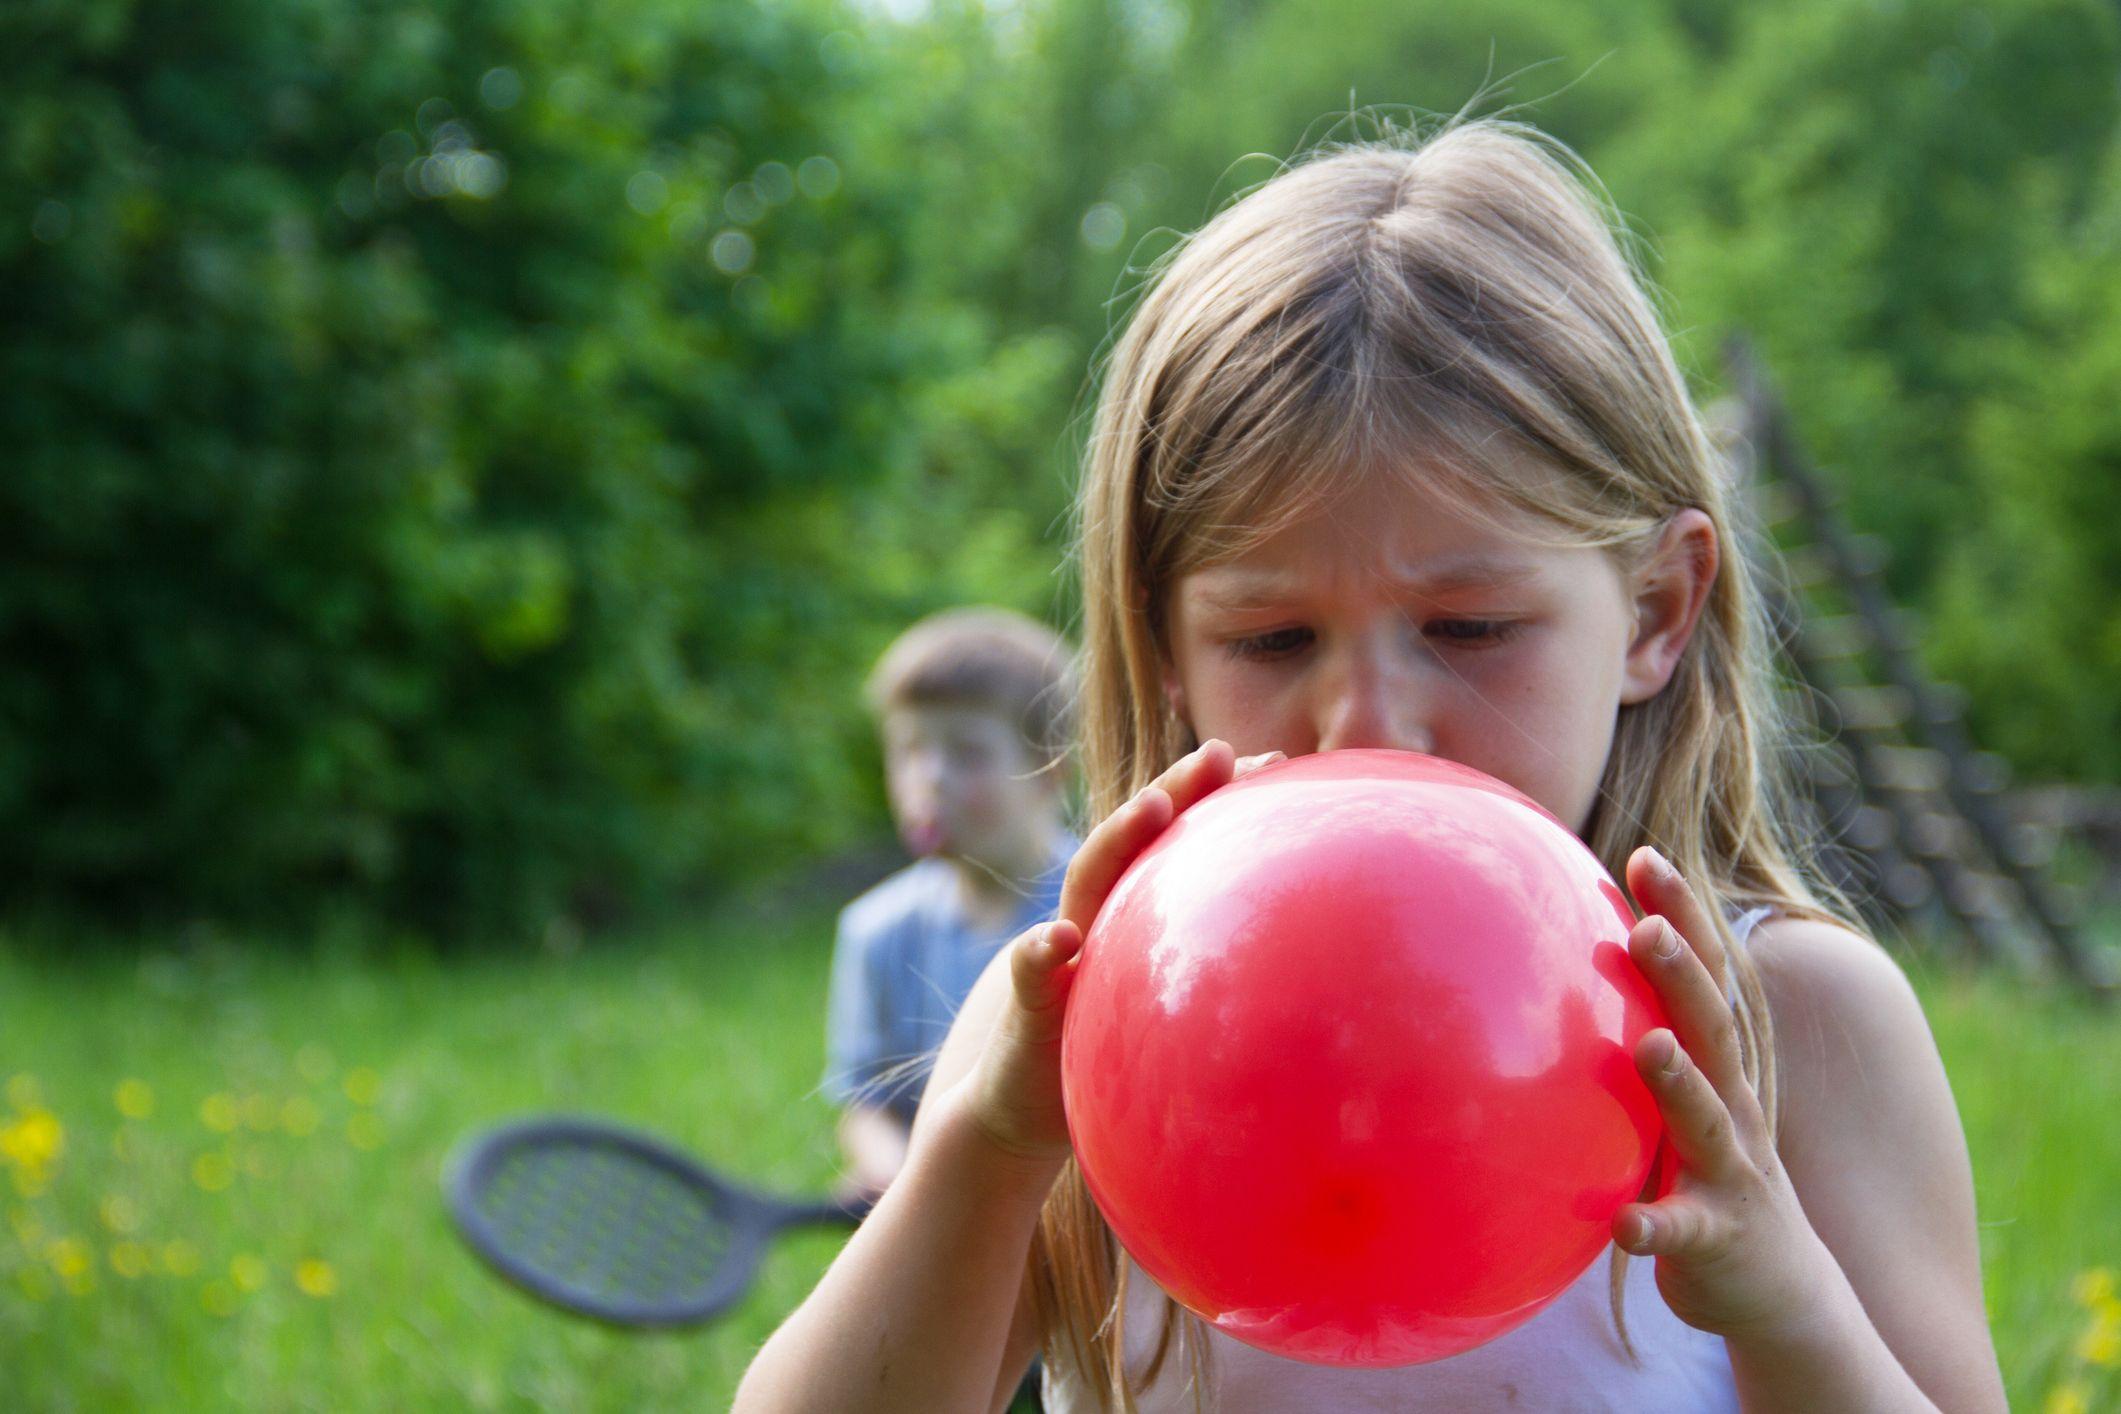 ボルカールールの緩和でバブルが再膨張。有効な逆張り手法は?